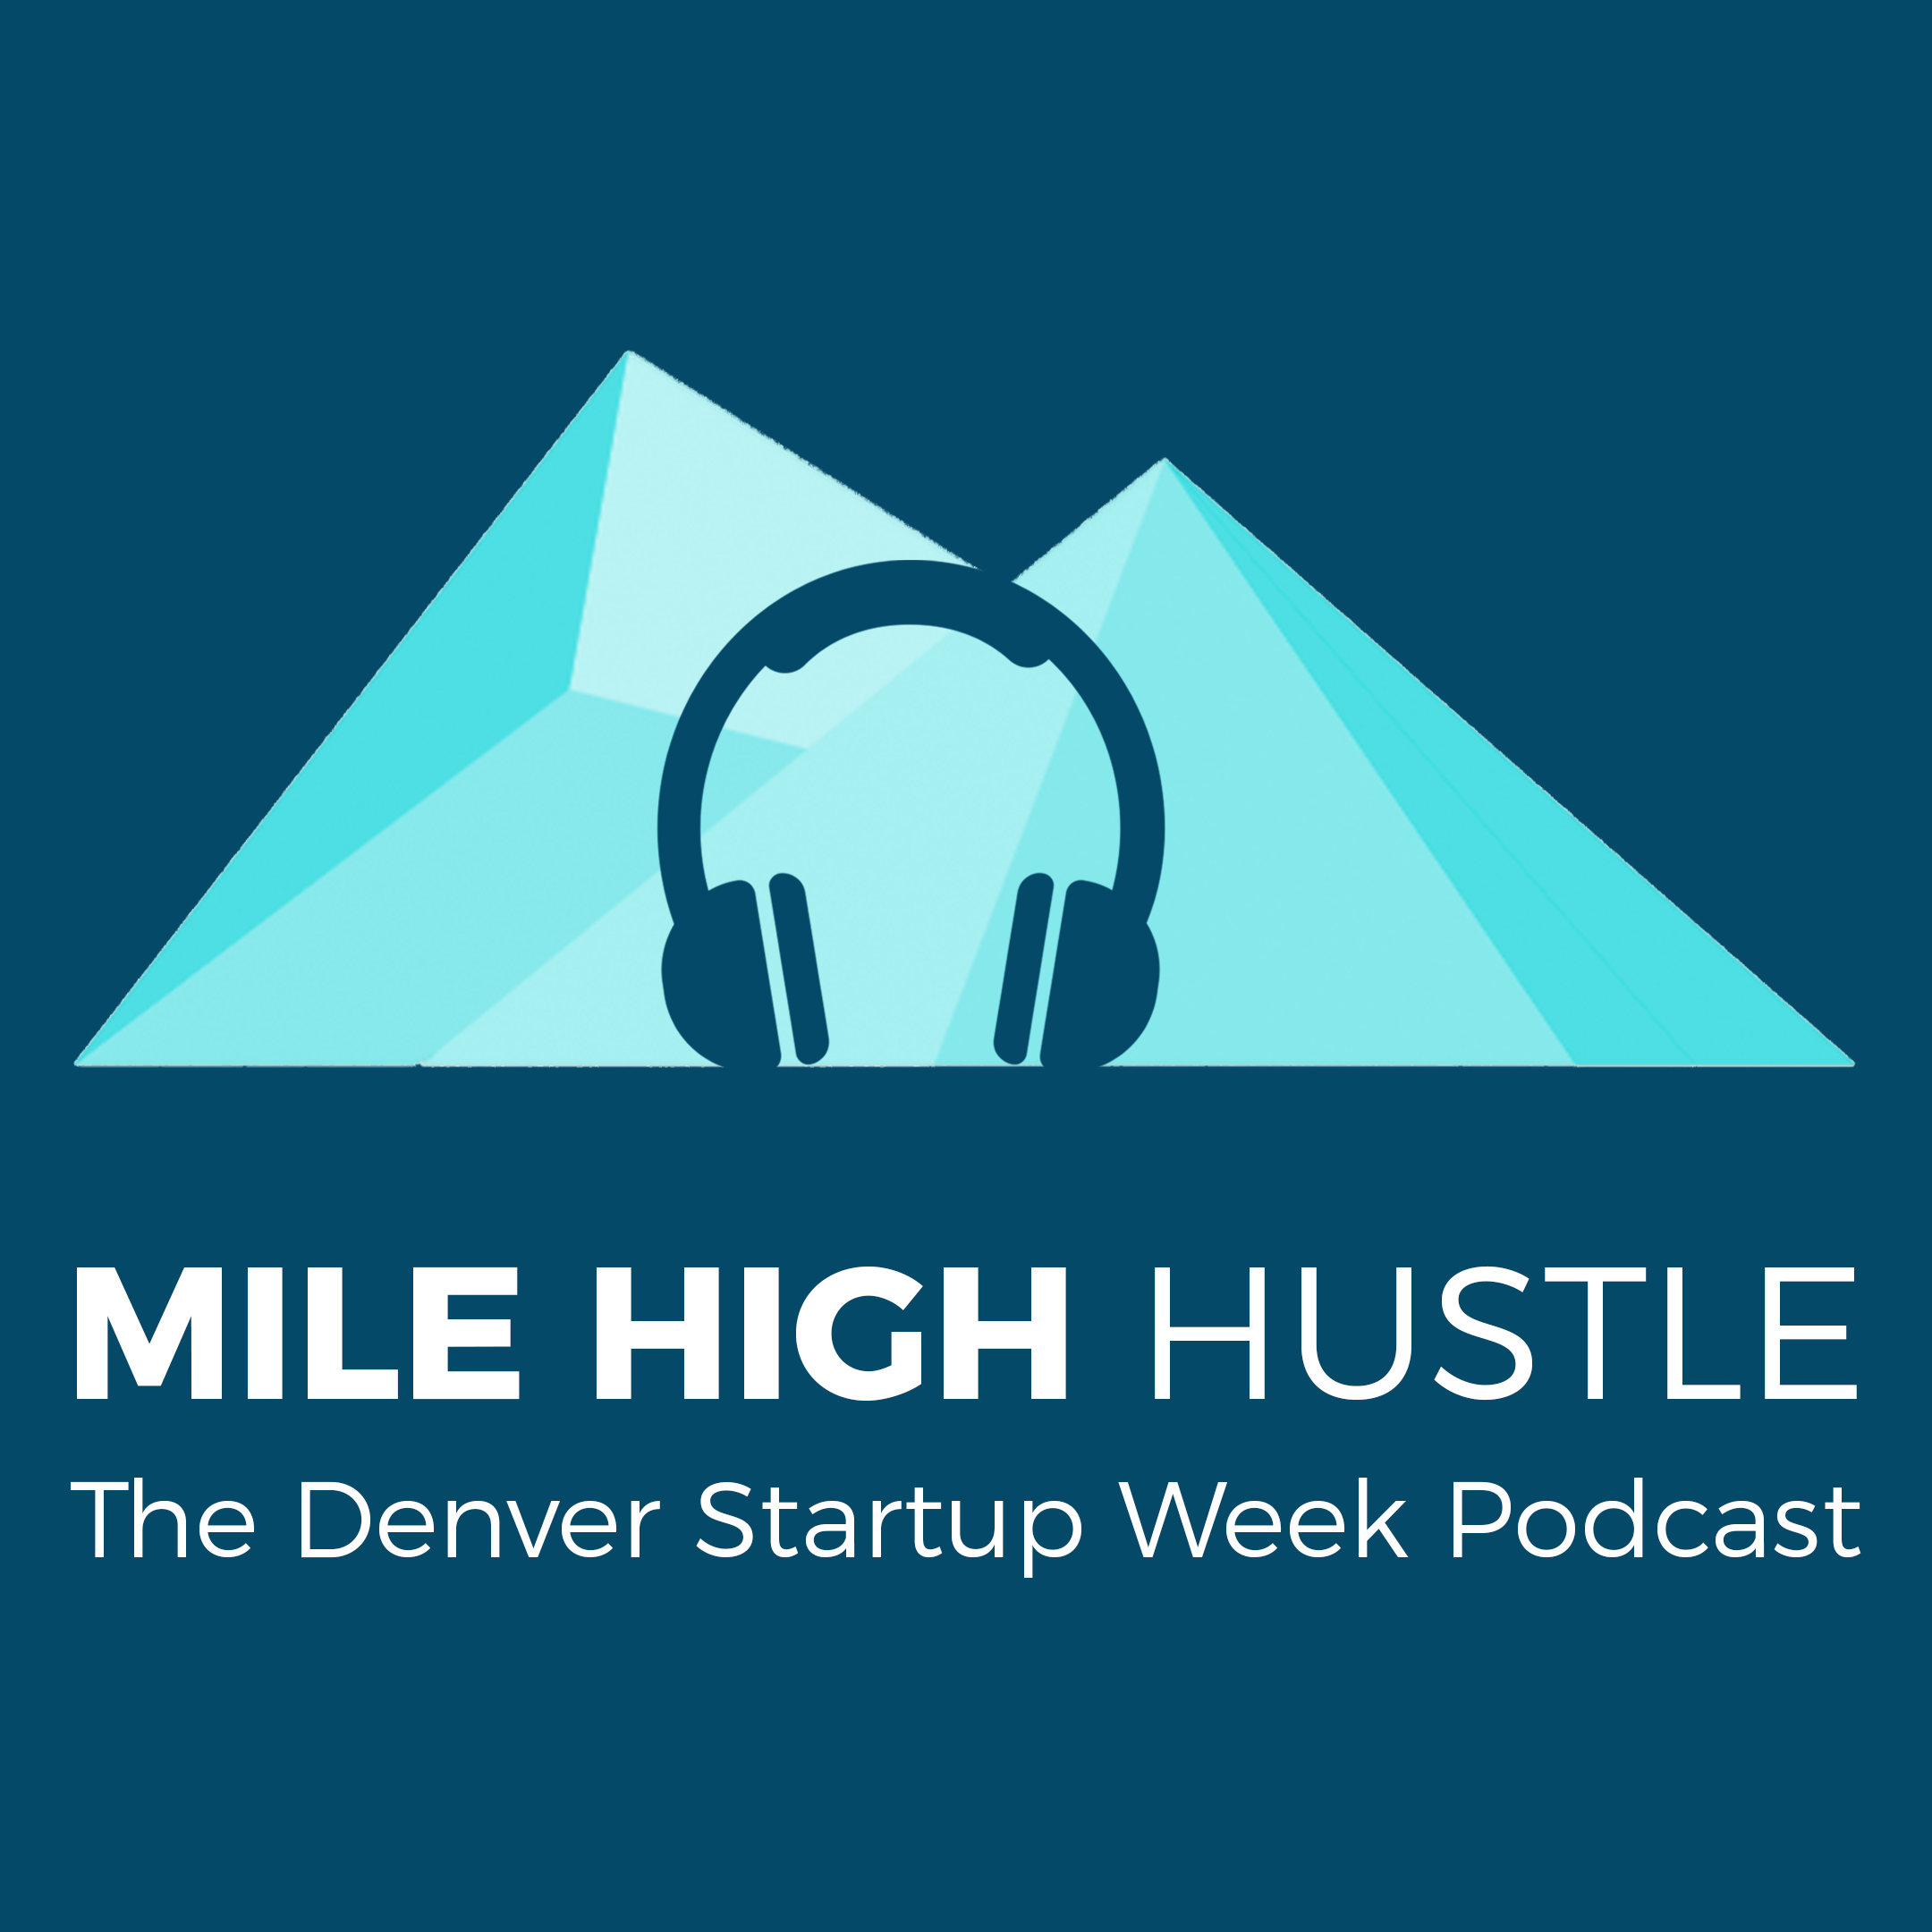 Mile High Hustle